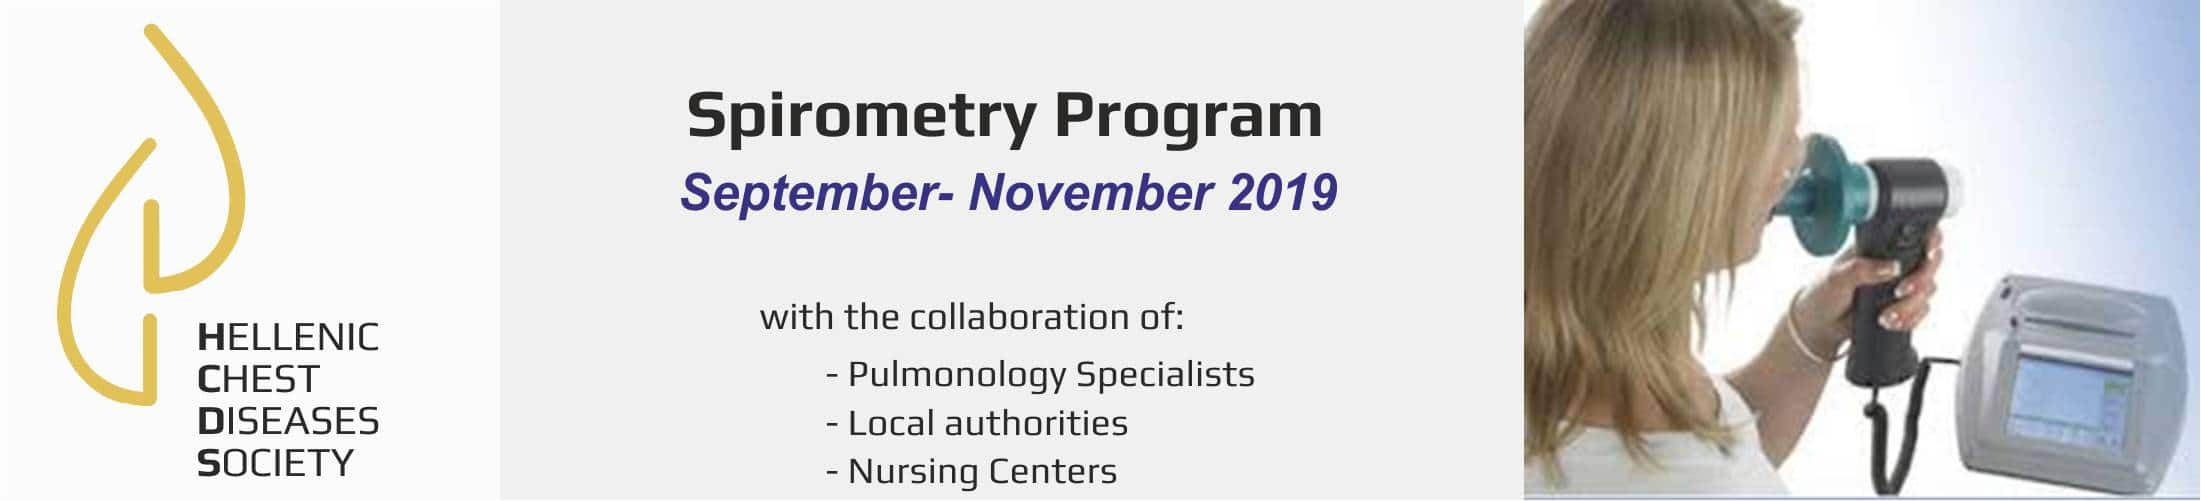 Spirometry Program 2019